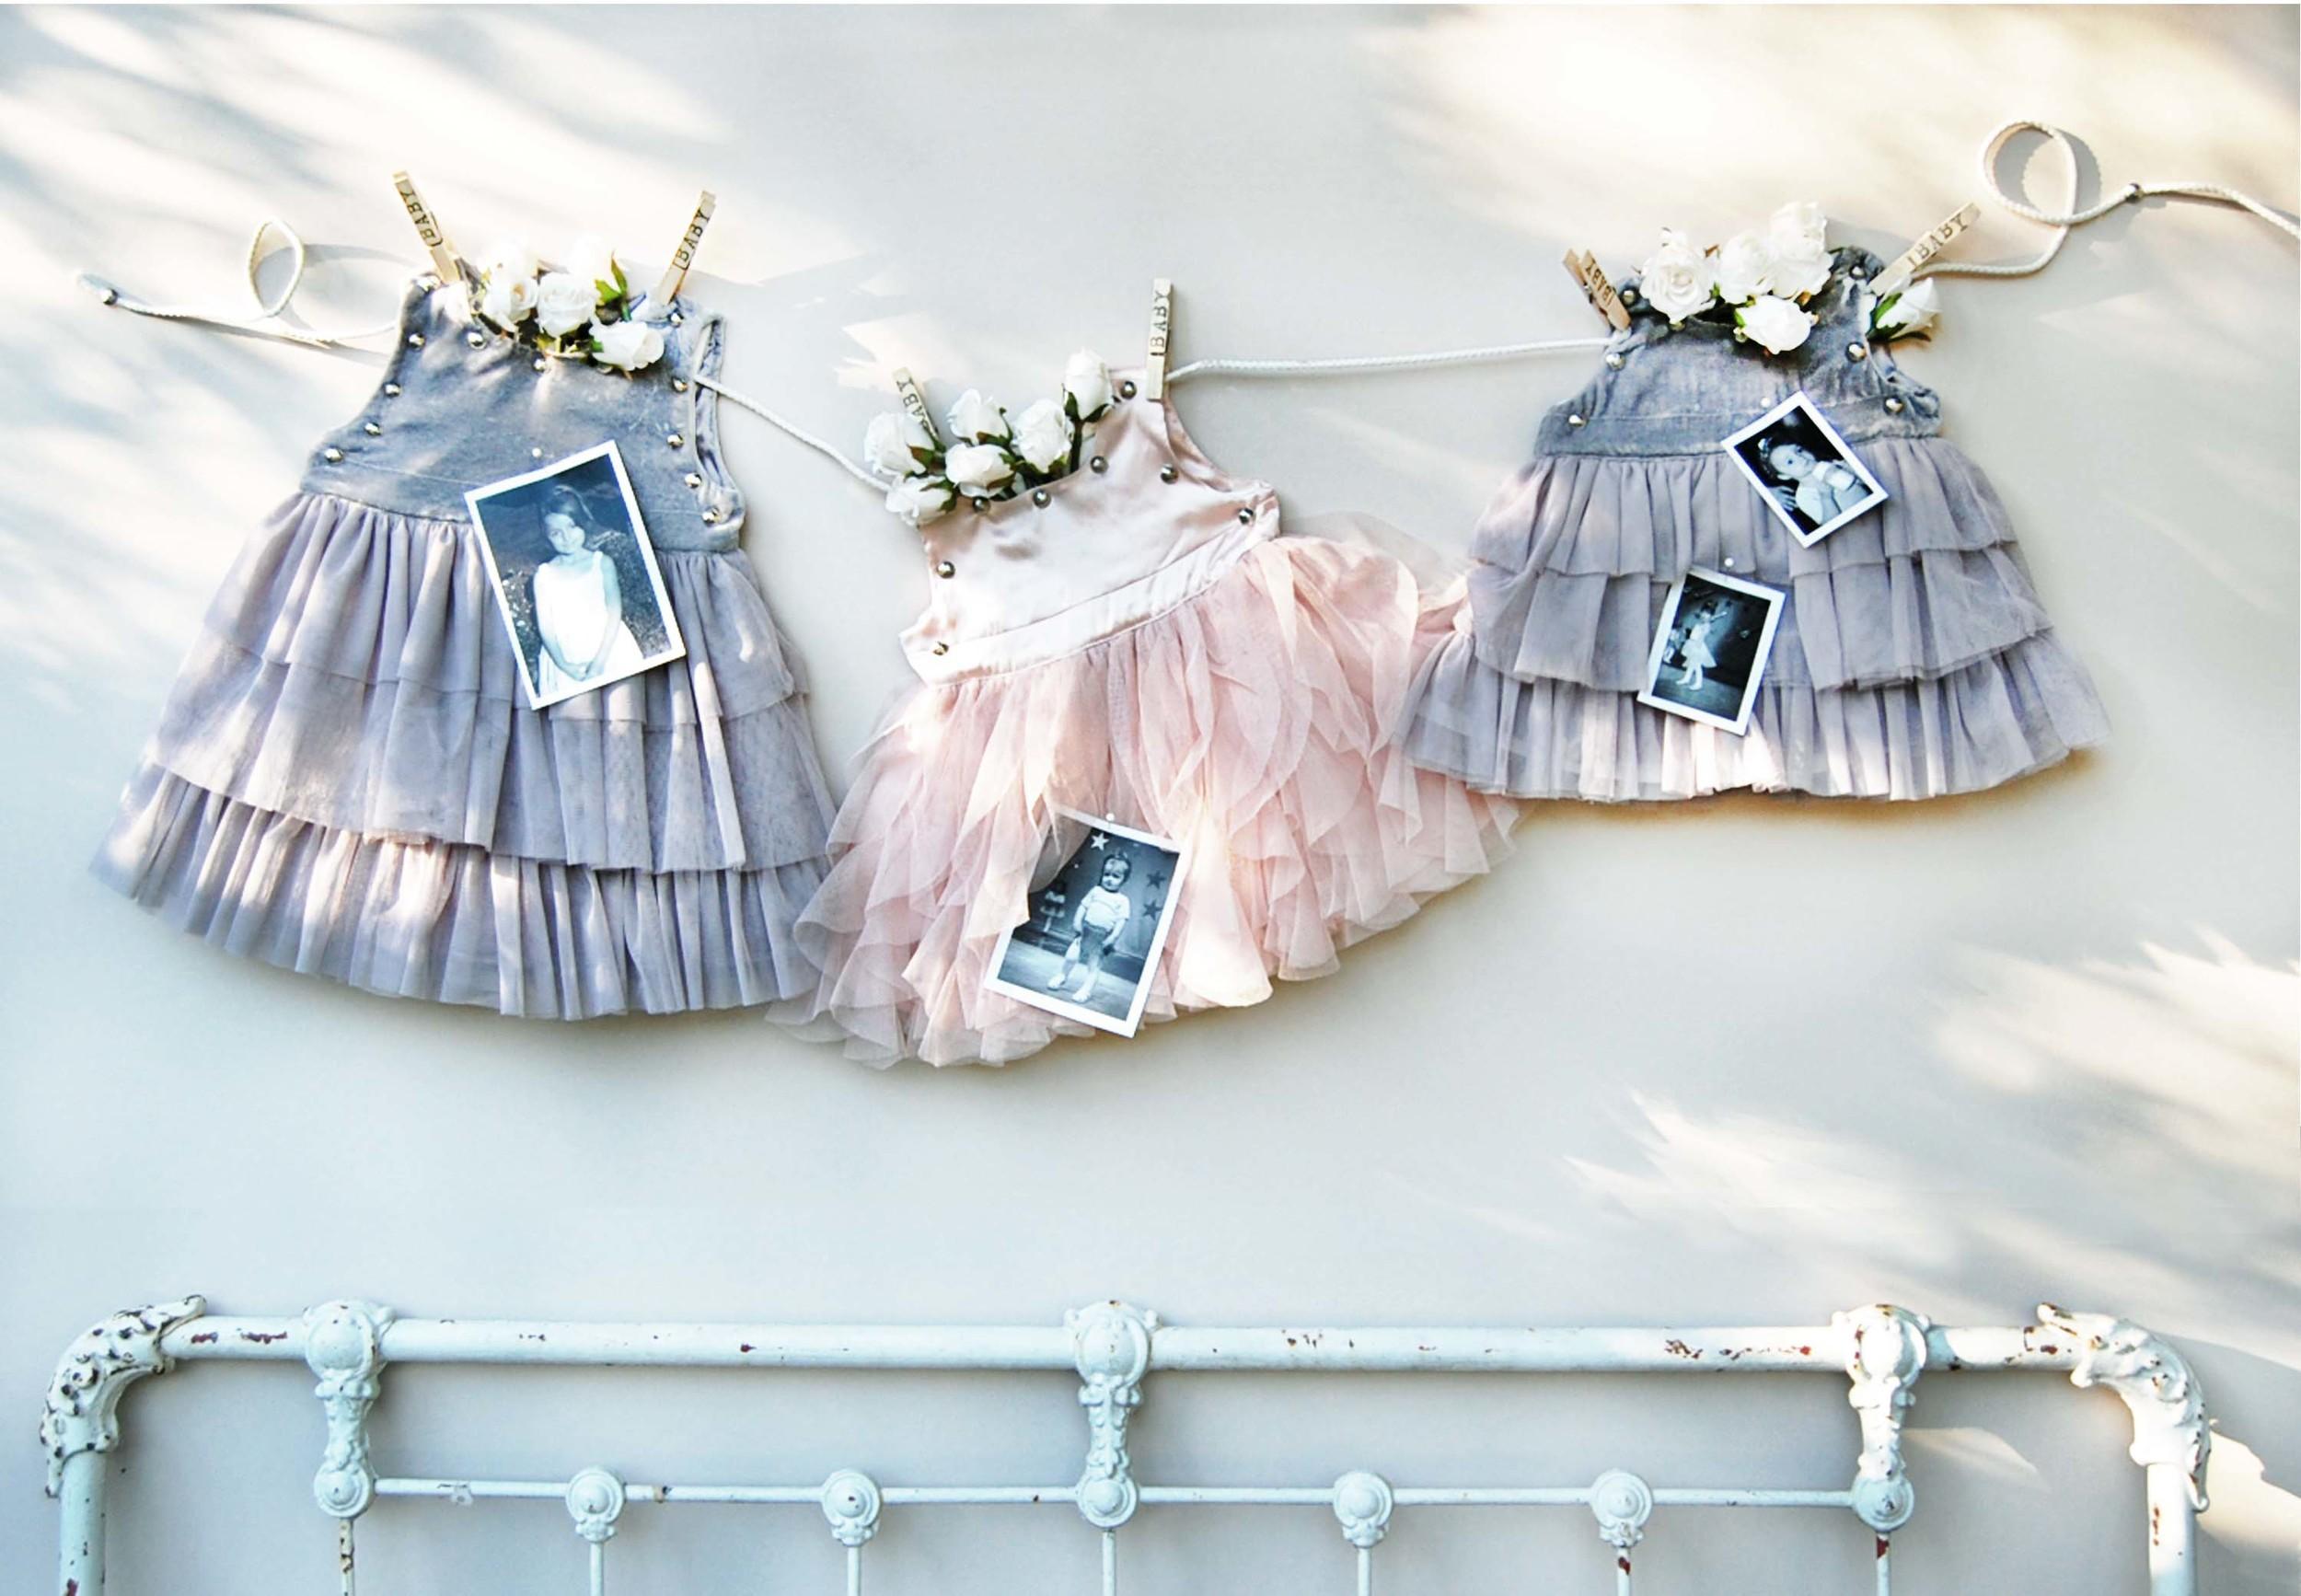 antique-full-view-dress-juvenilehalldesign.com-blog.jpg